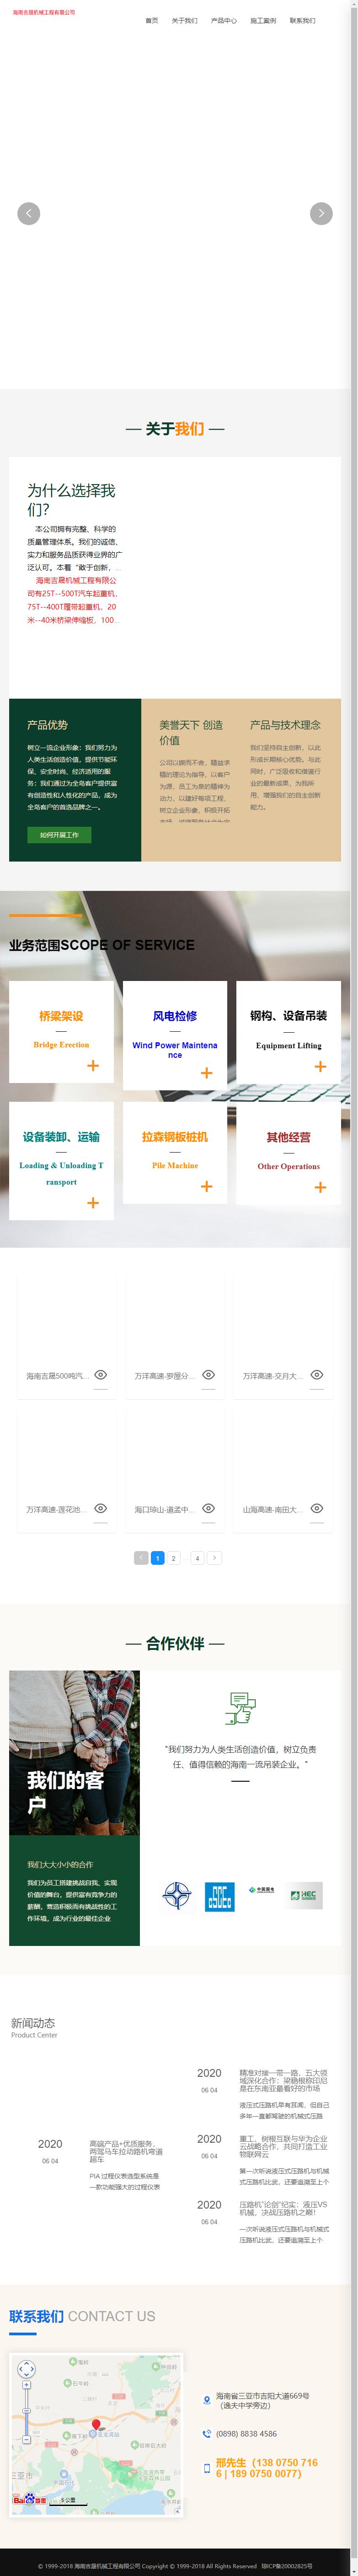 海南吉晟机械工程有限公司网站案例